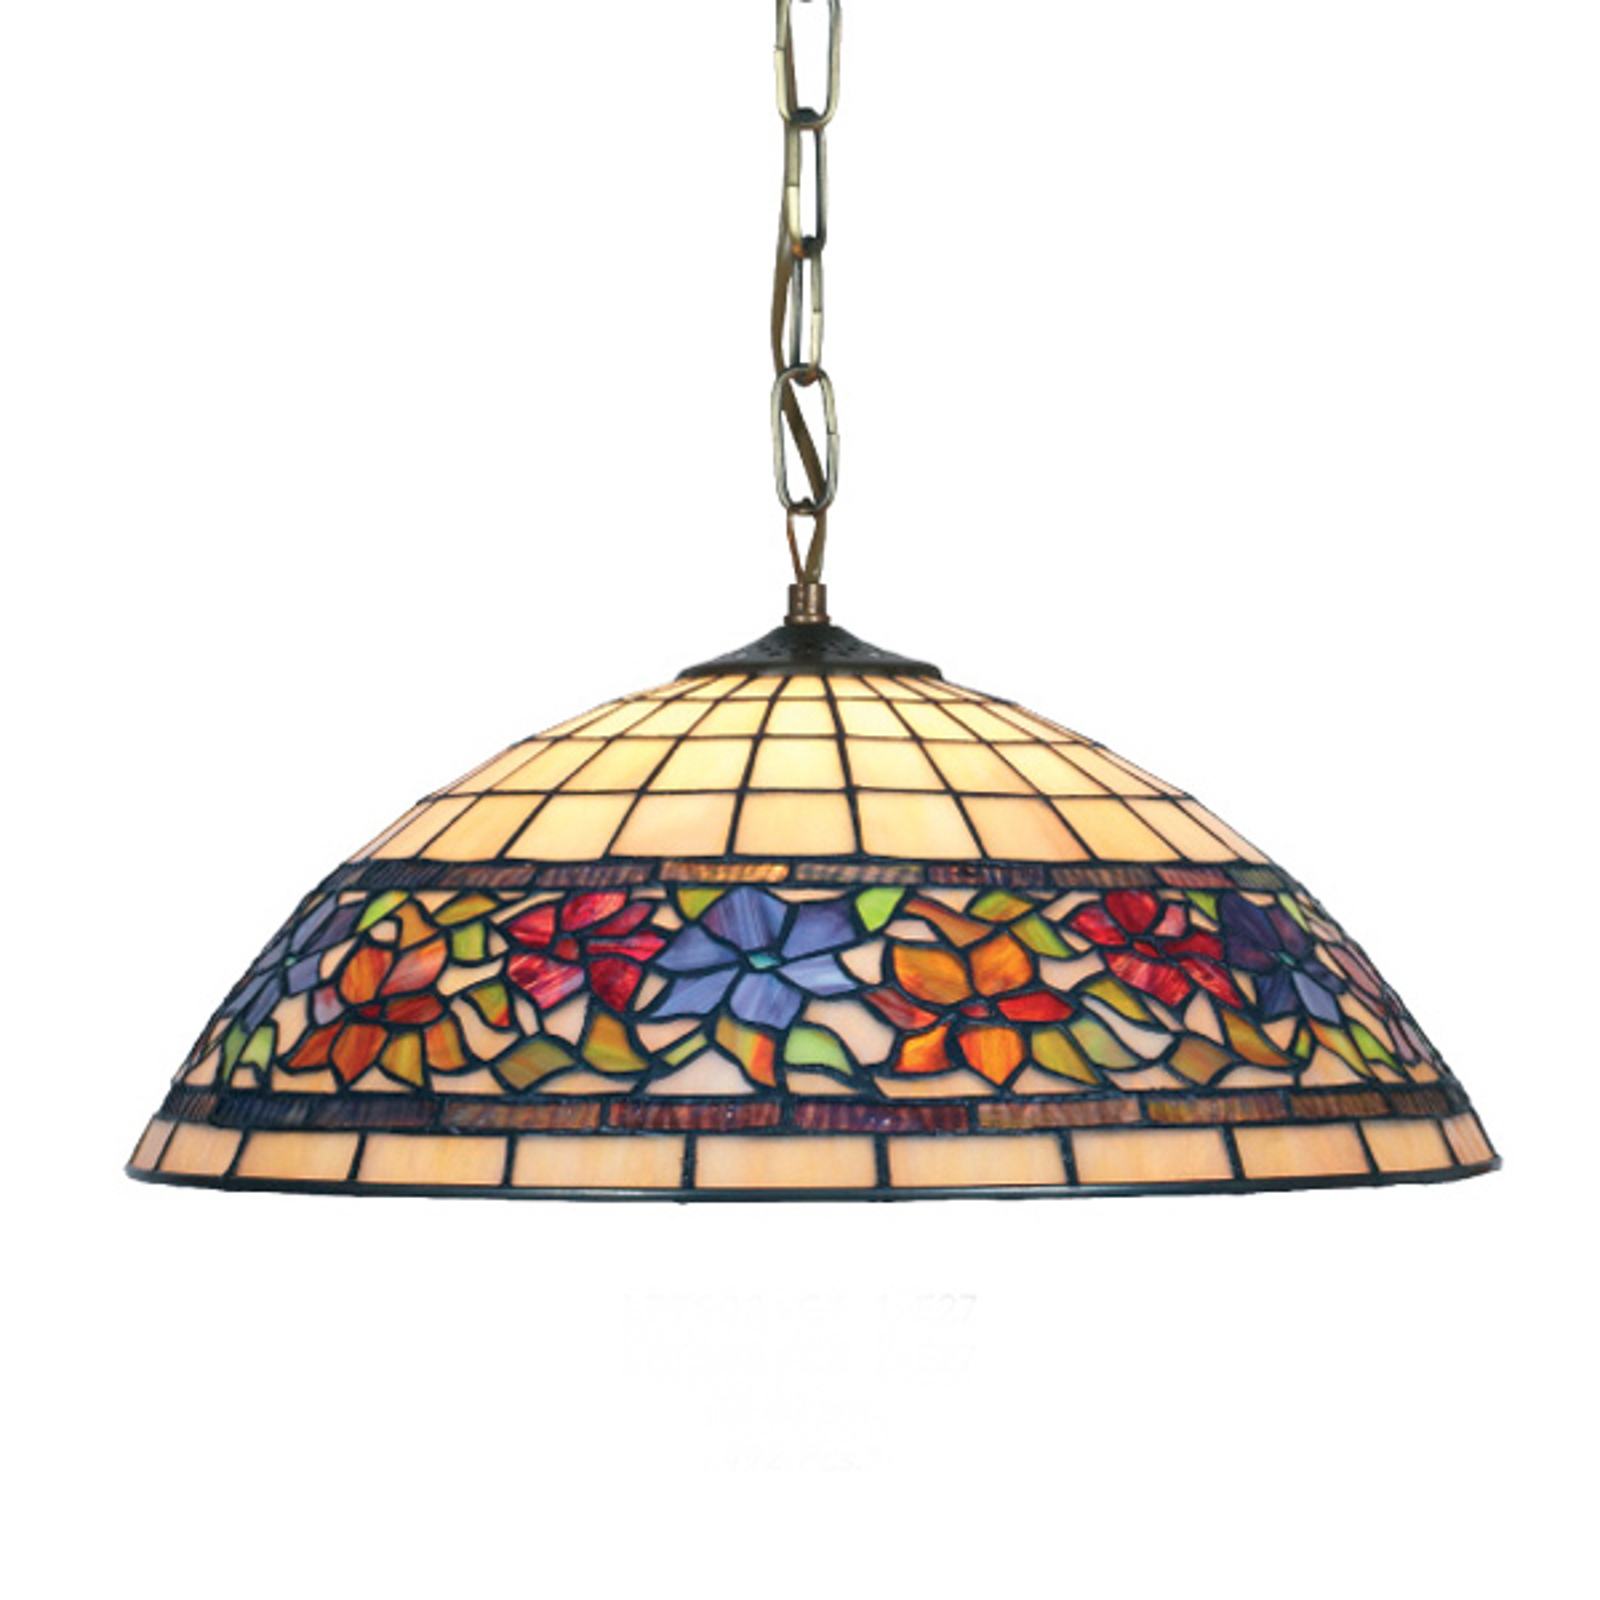 Flora hængelampe i Tiffany-stil, åben nede 2xE27